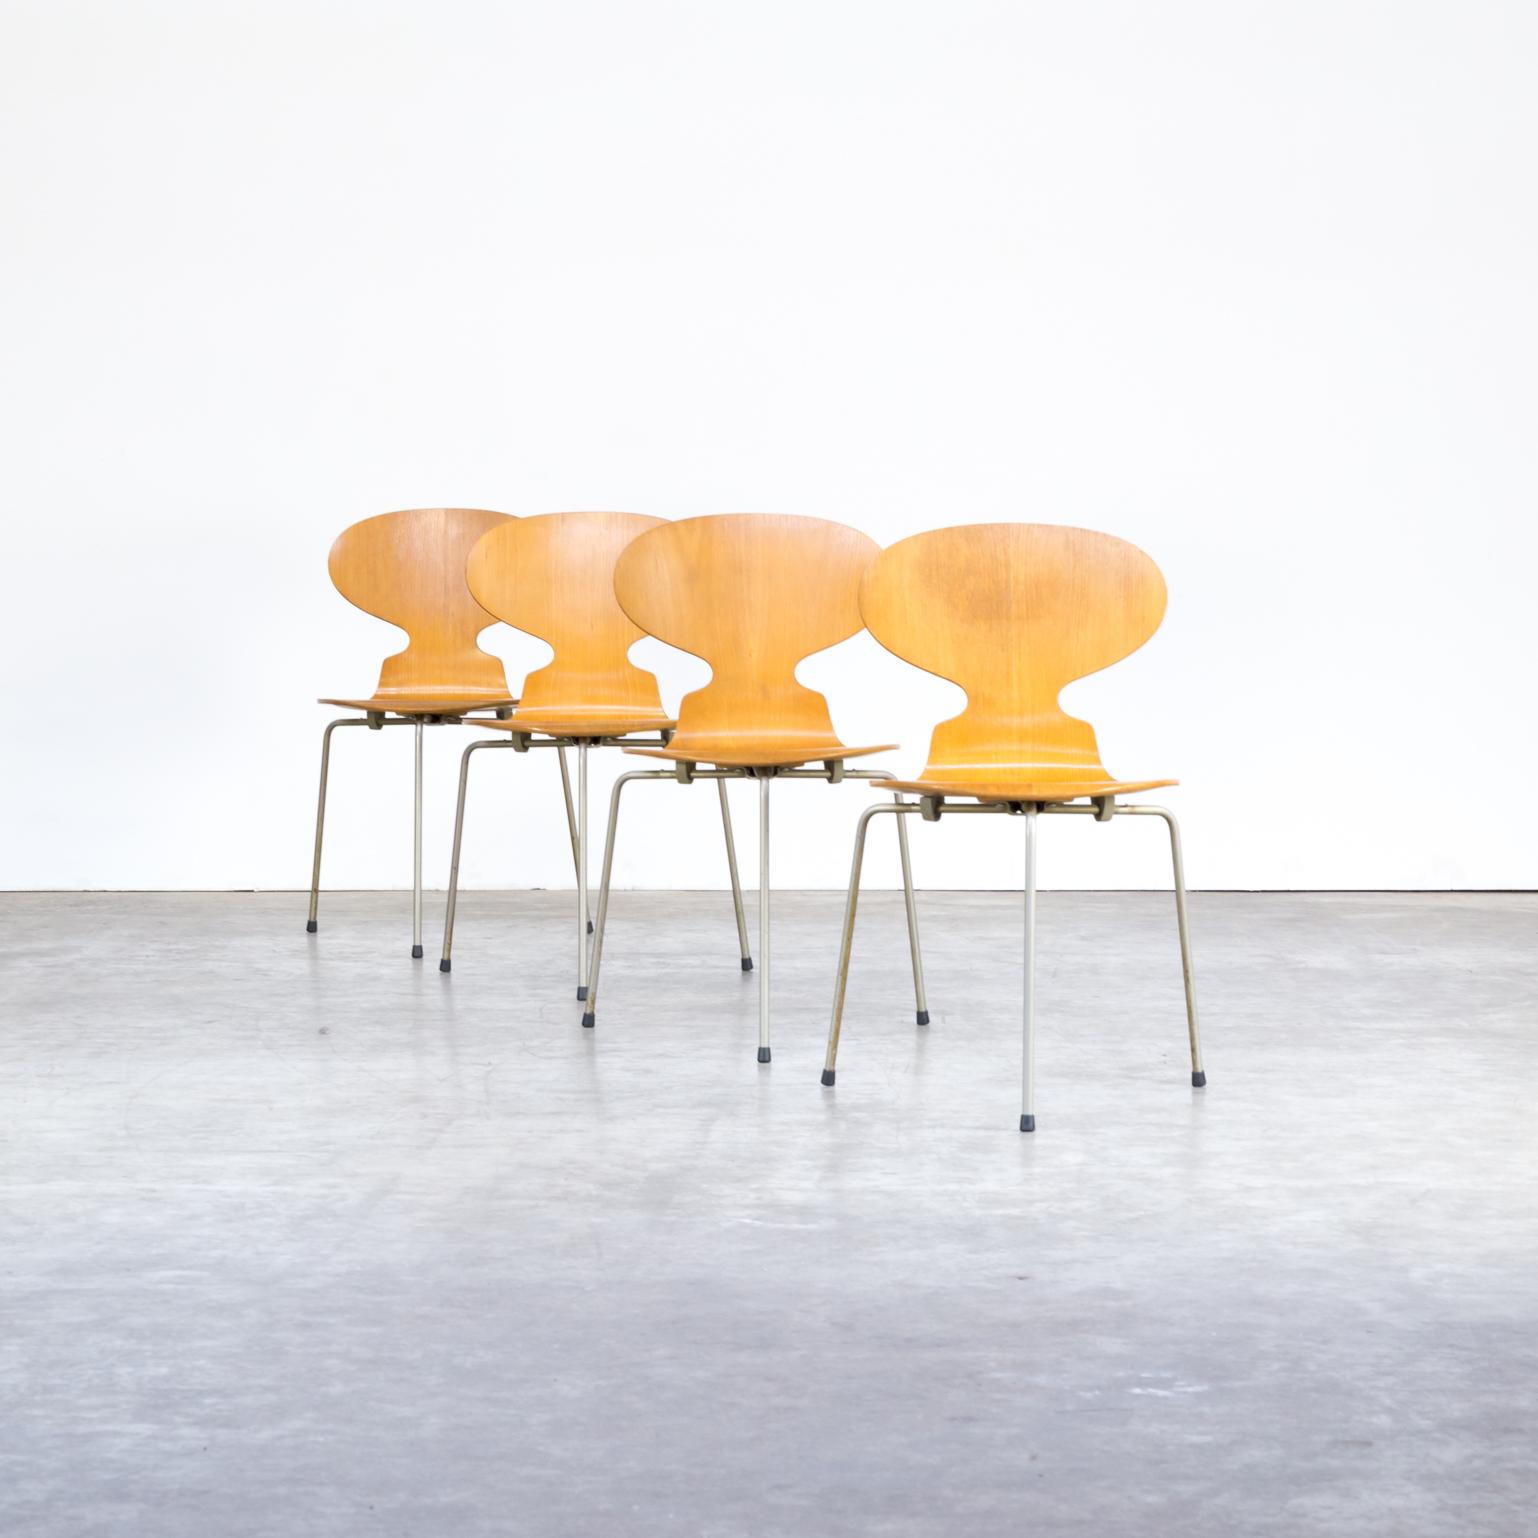 Fritz Hansen Design Stoelen.50s Arne Jacobsen Plywood Original Model 3100 Ant Chair For Fritz Hanzen Set 4